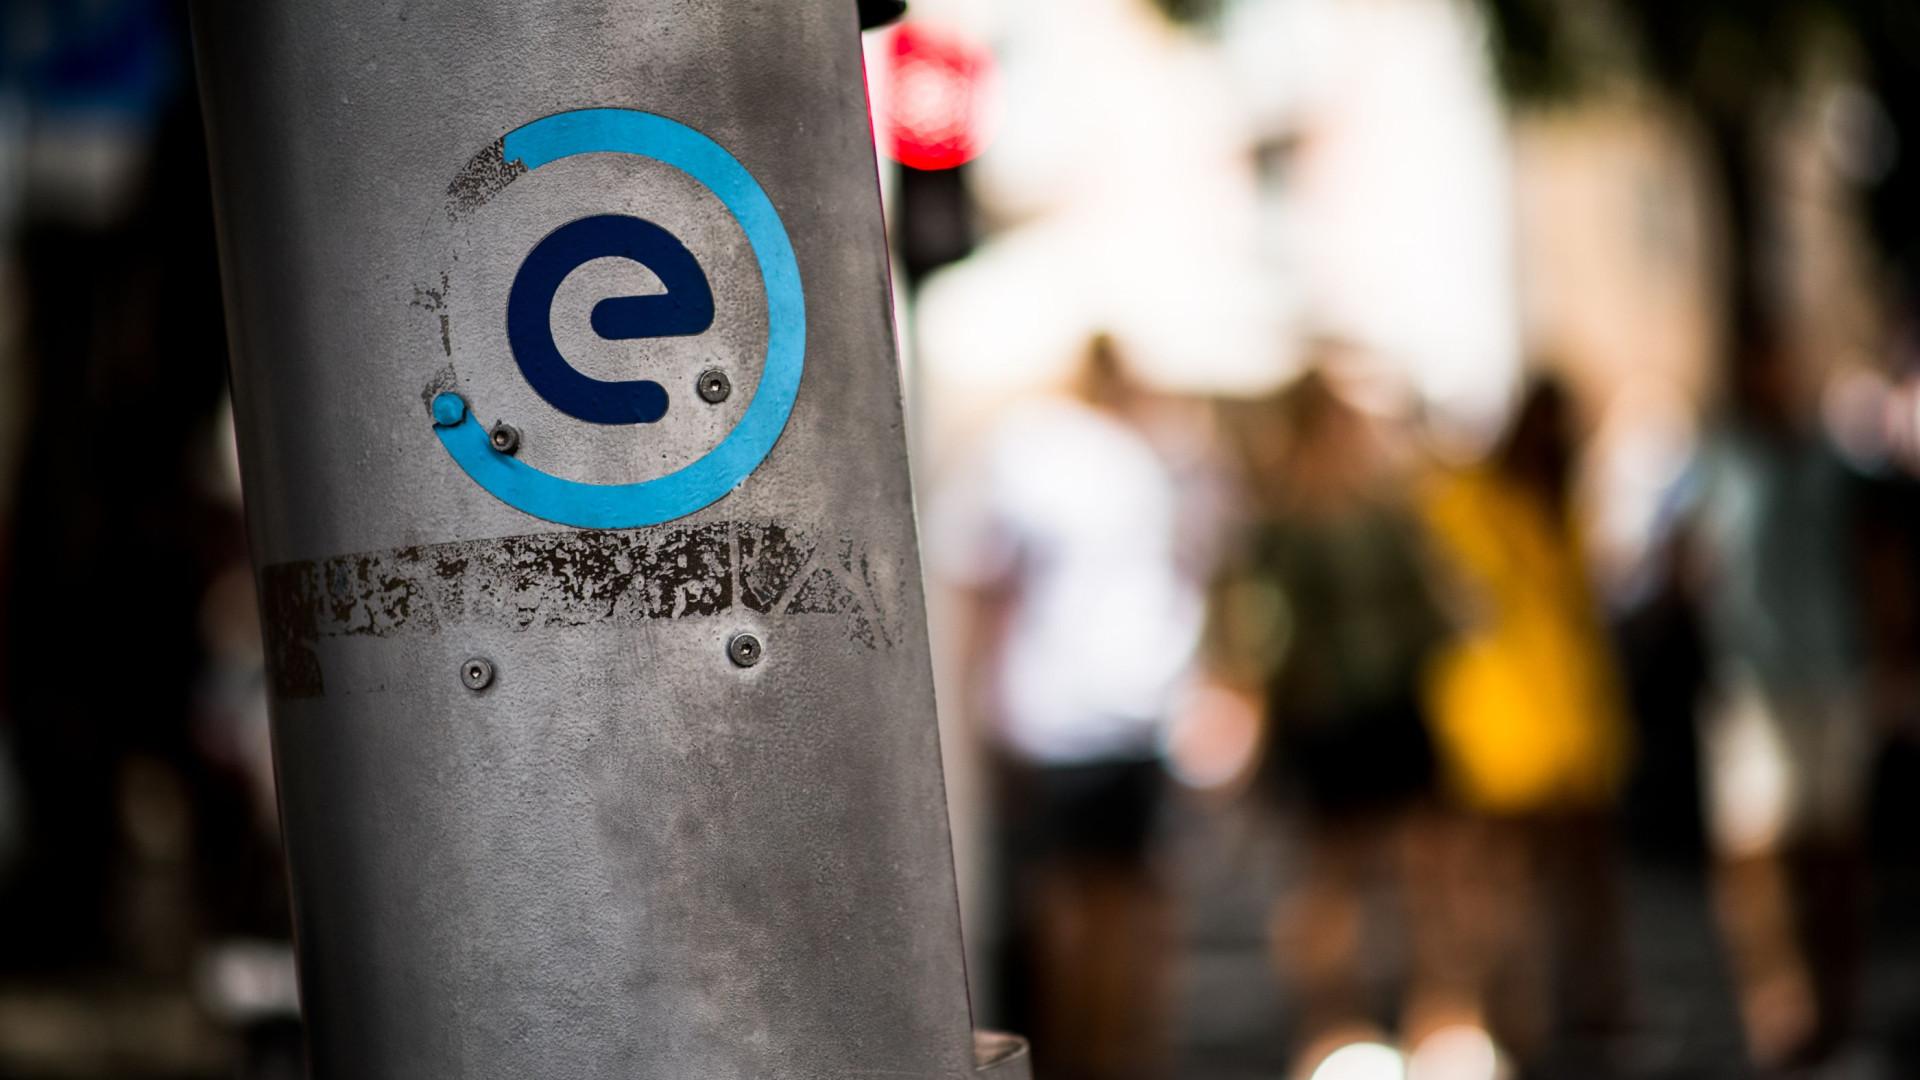 Comissão de Dados abre averiguação ao envio de SMS pela EMEL